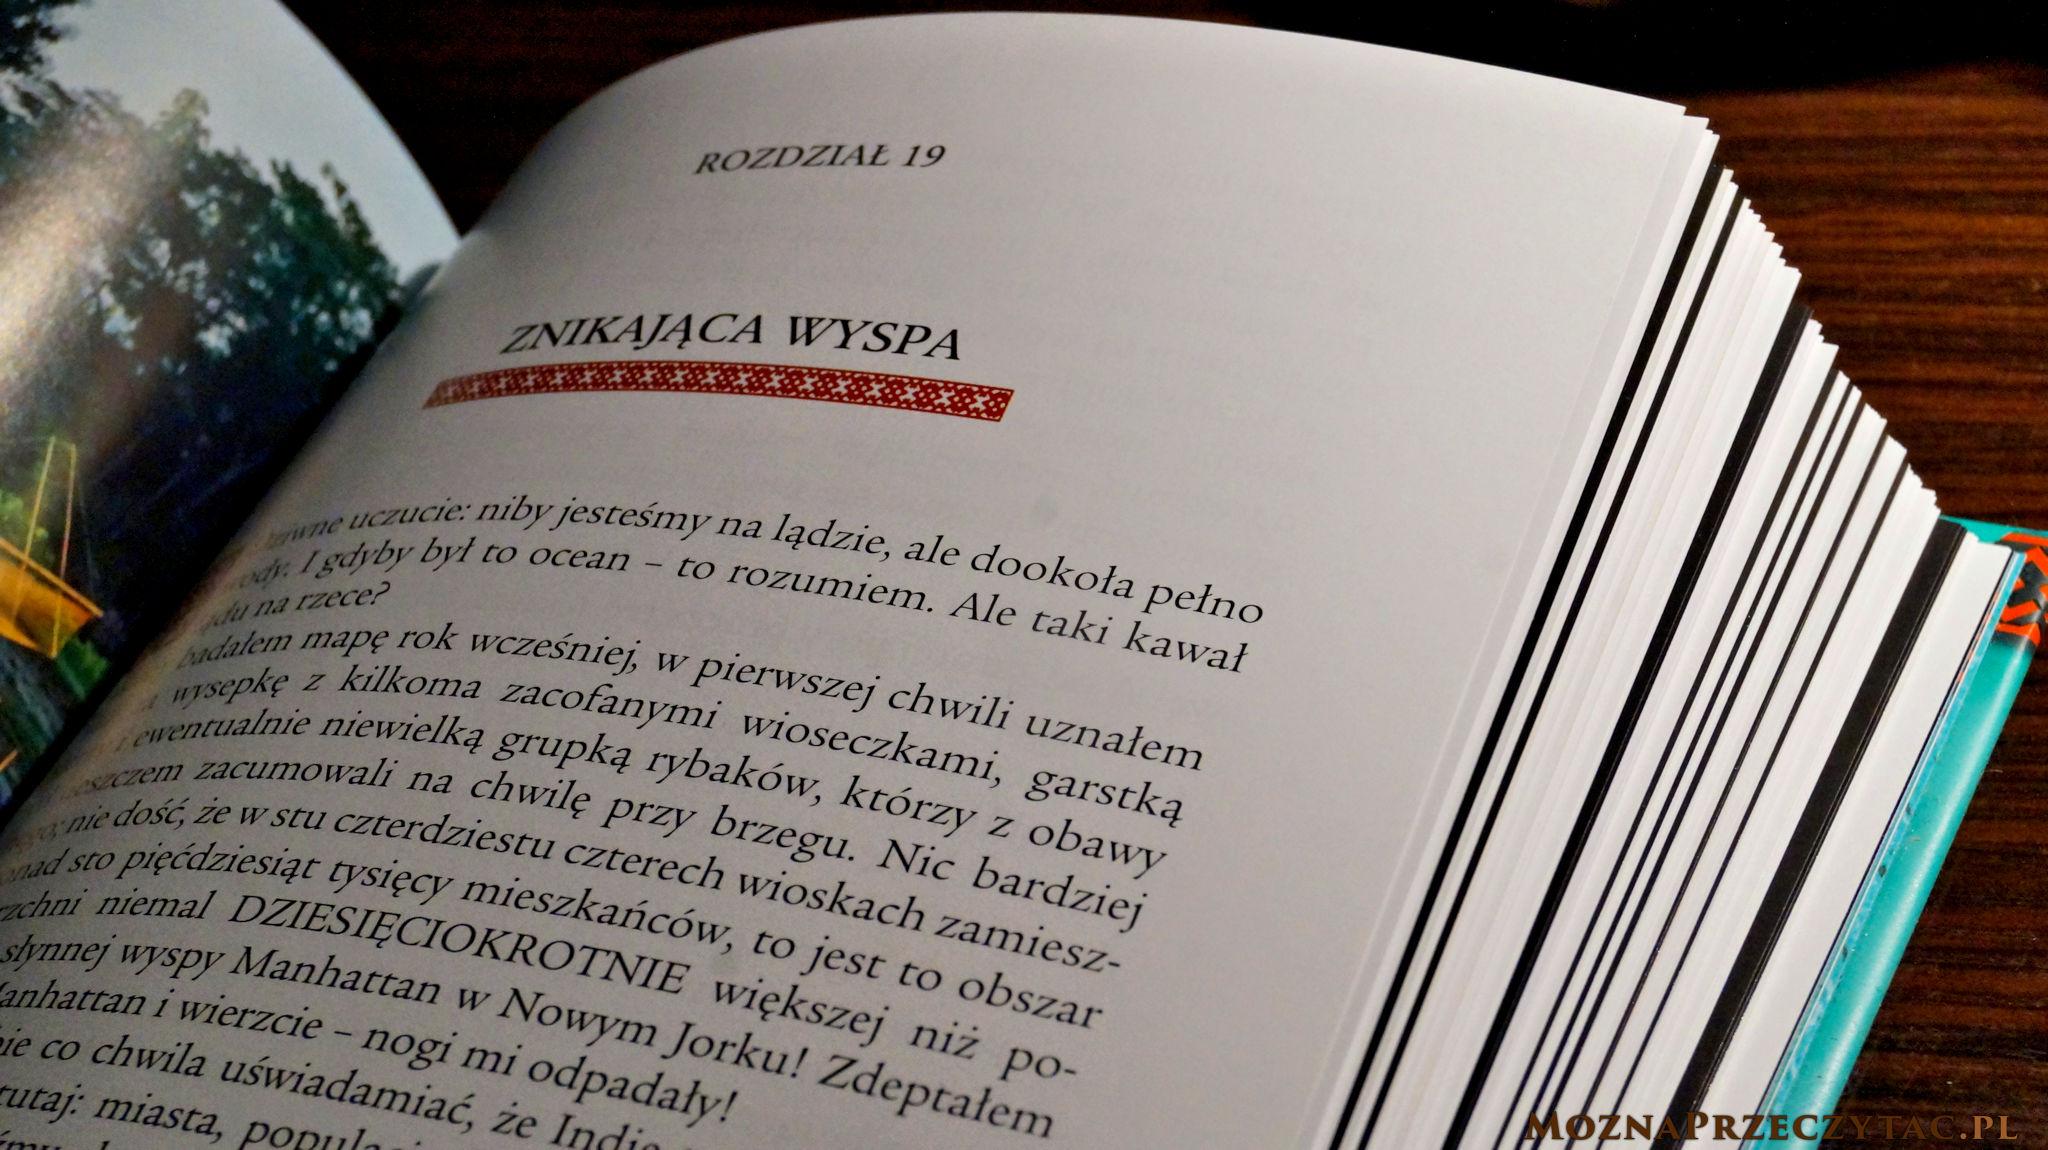 Wigilia wśród łowców głów - Witold Palak